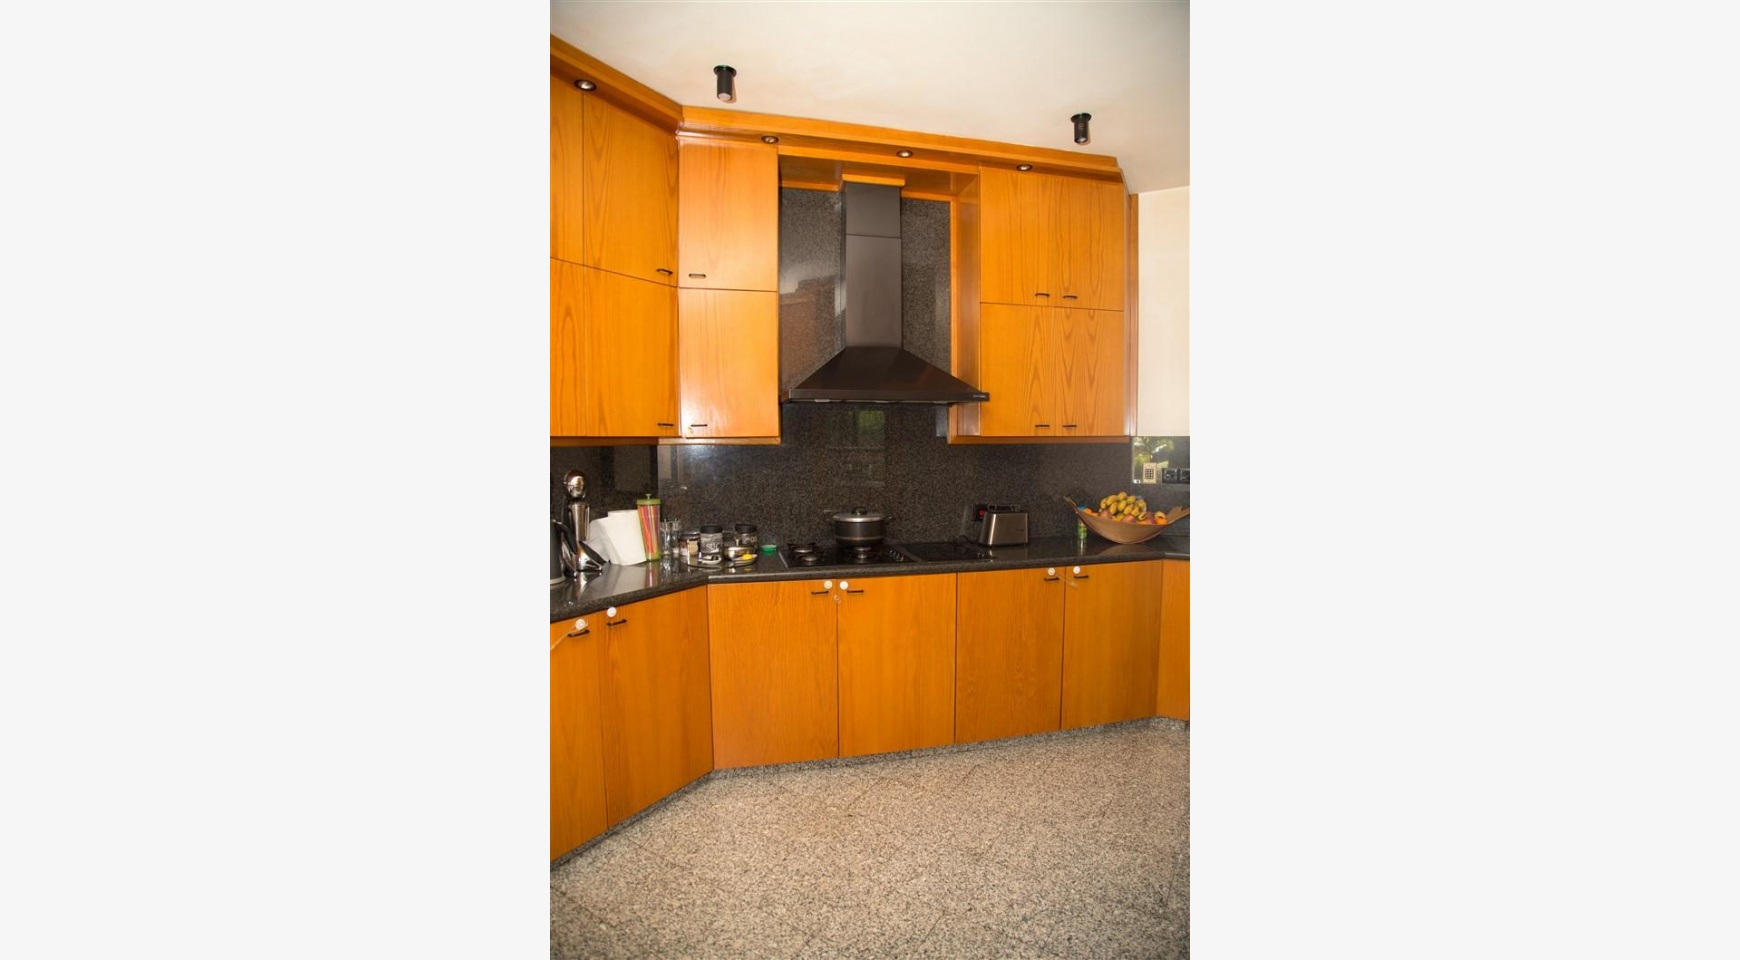 4 Bedroom Villa in Germasogeia Area - 20